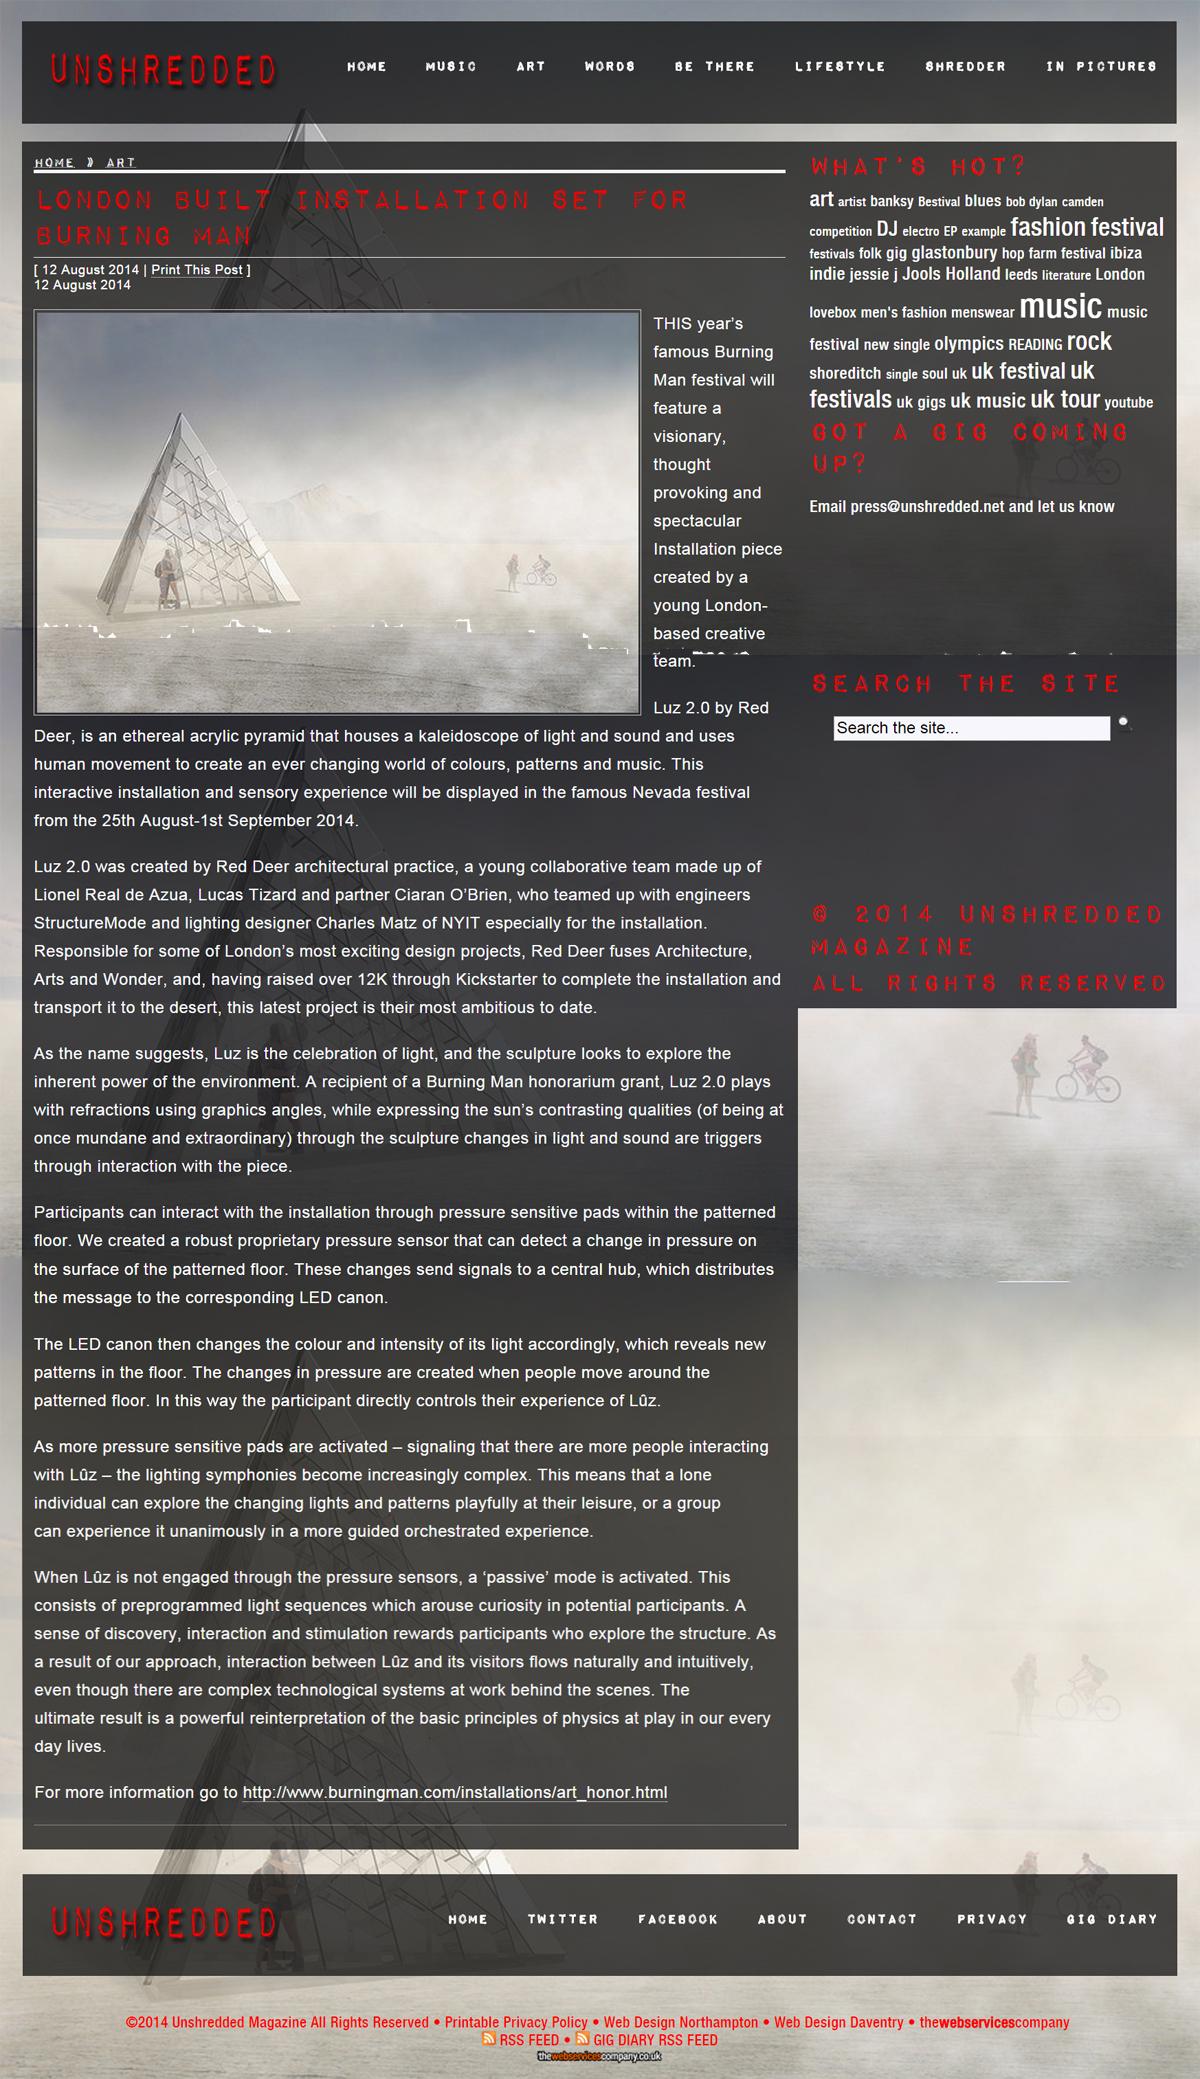 Unshredded - Luz 2.0, Burning Man Festival